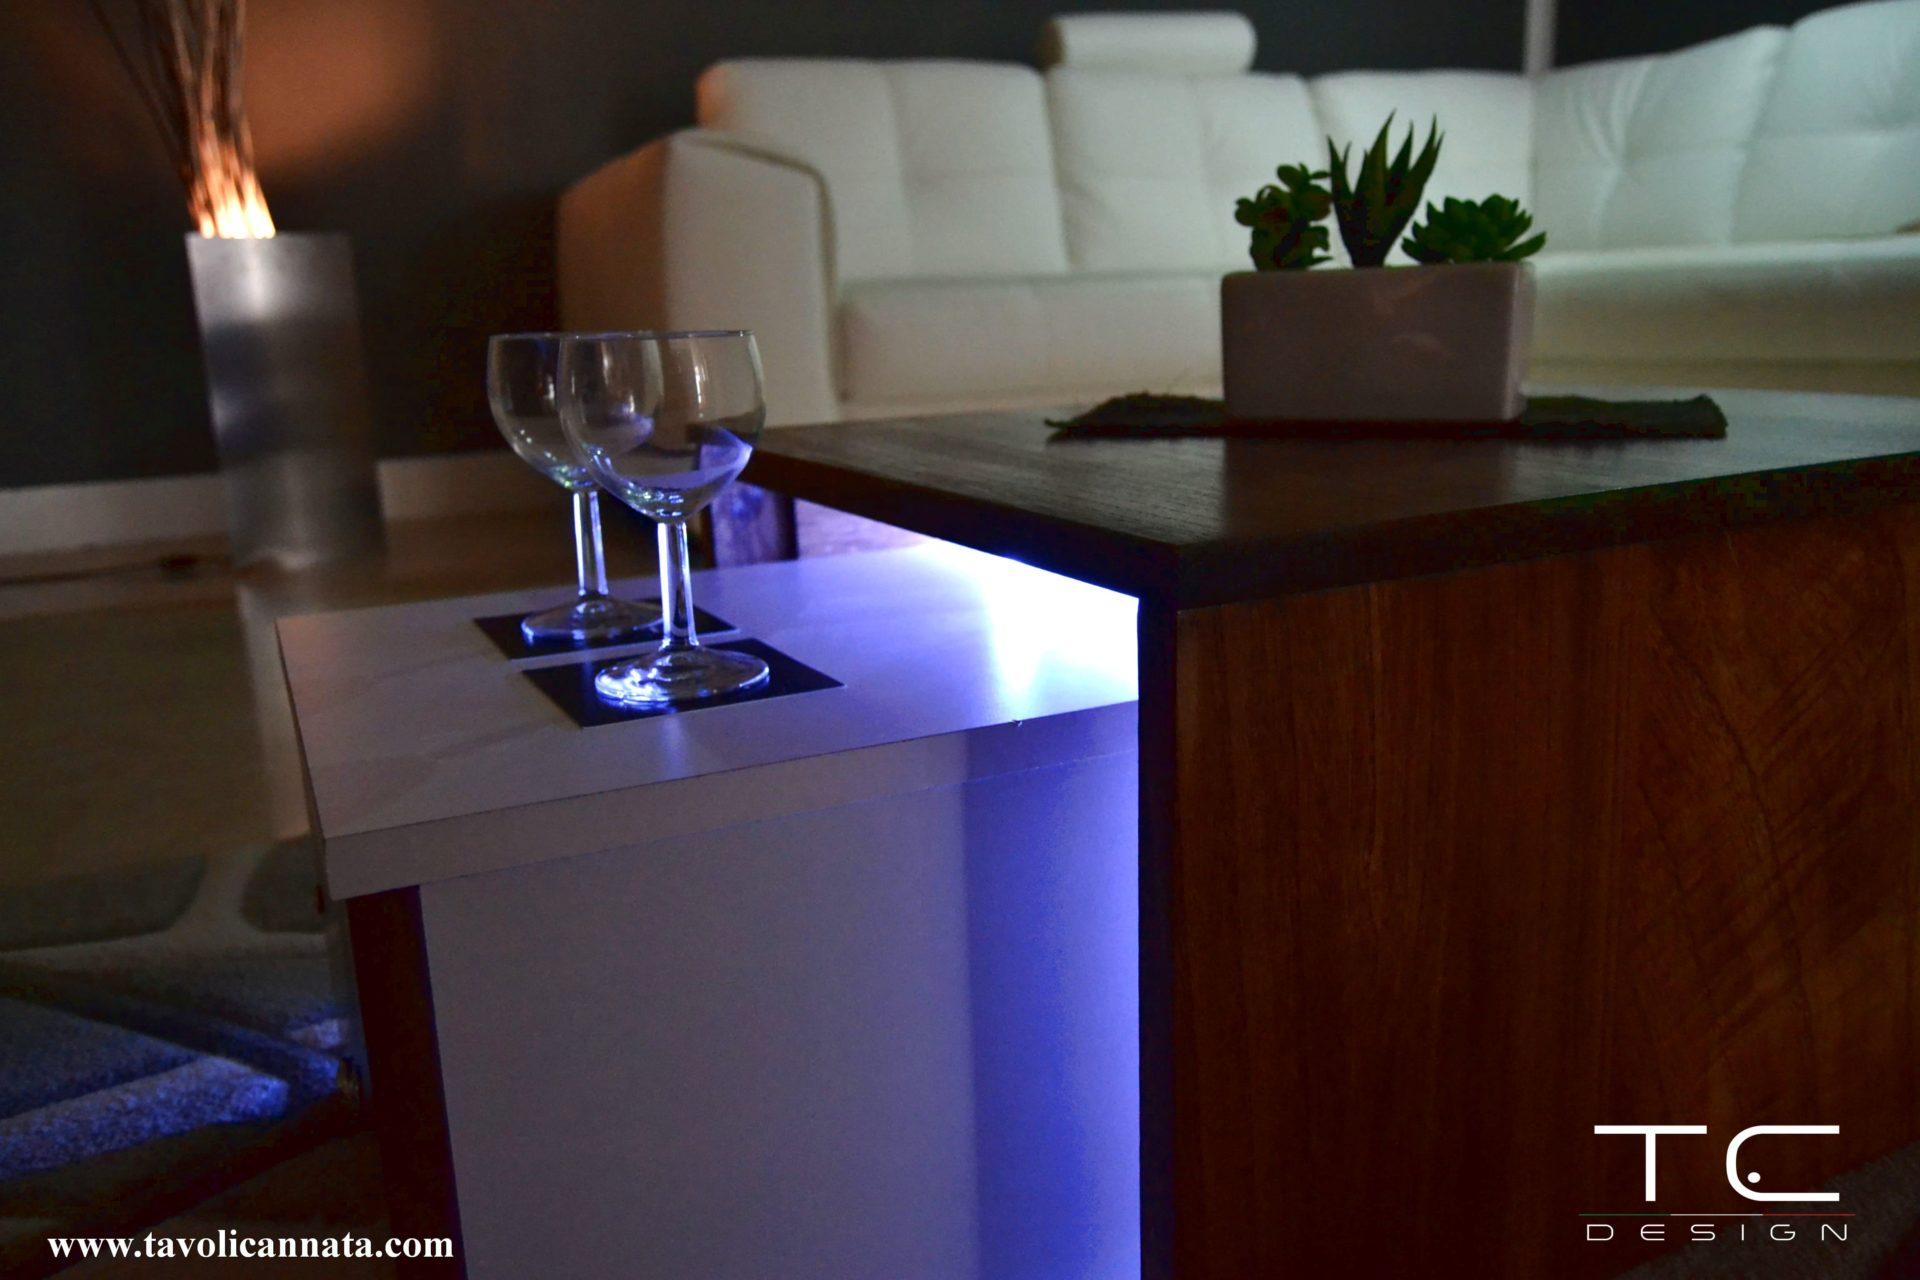 Tavolini da salotto di design moderni - Tavolini Cannata